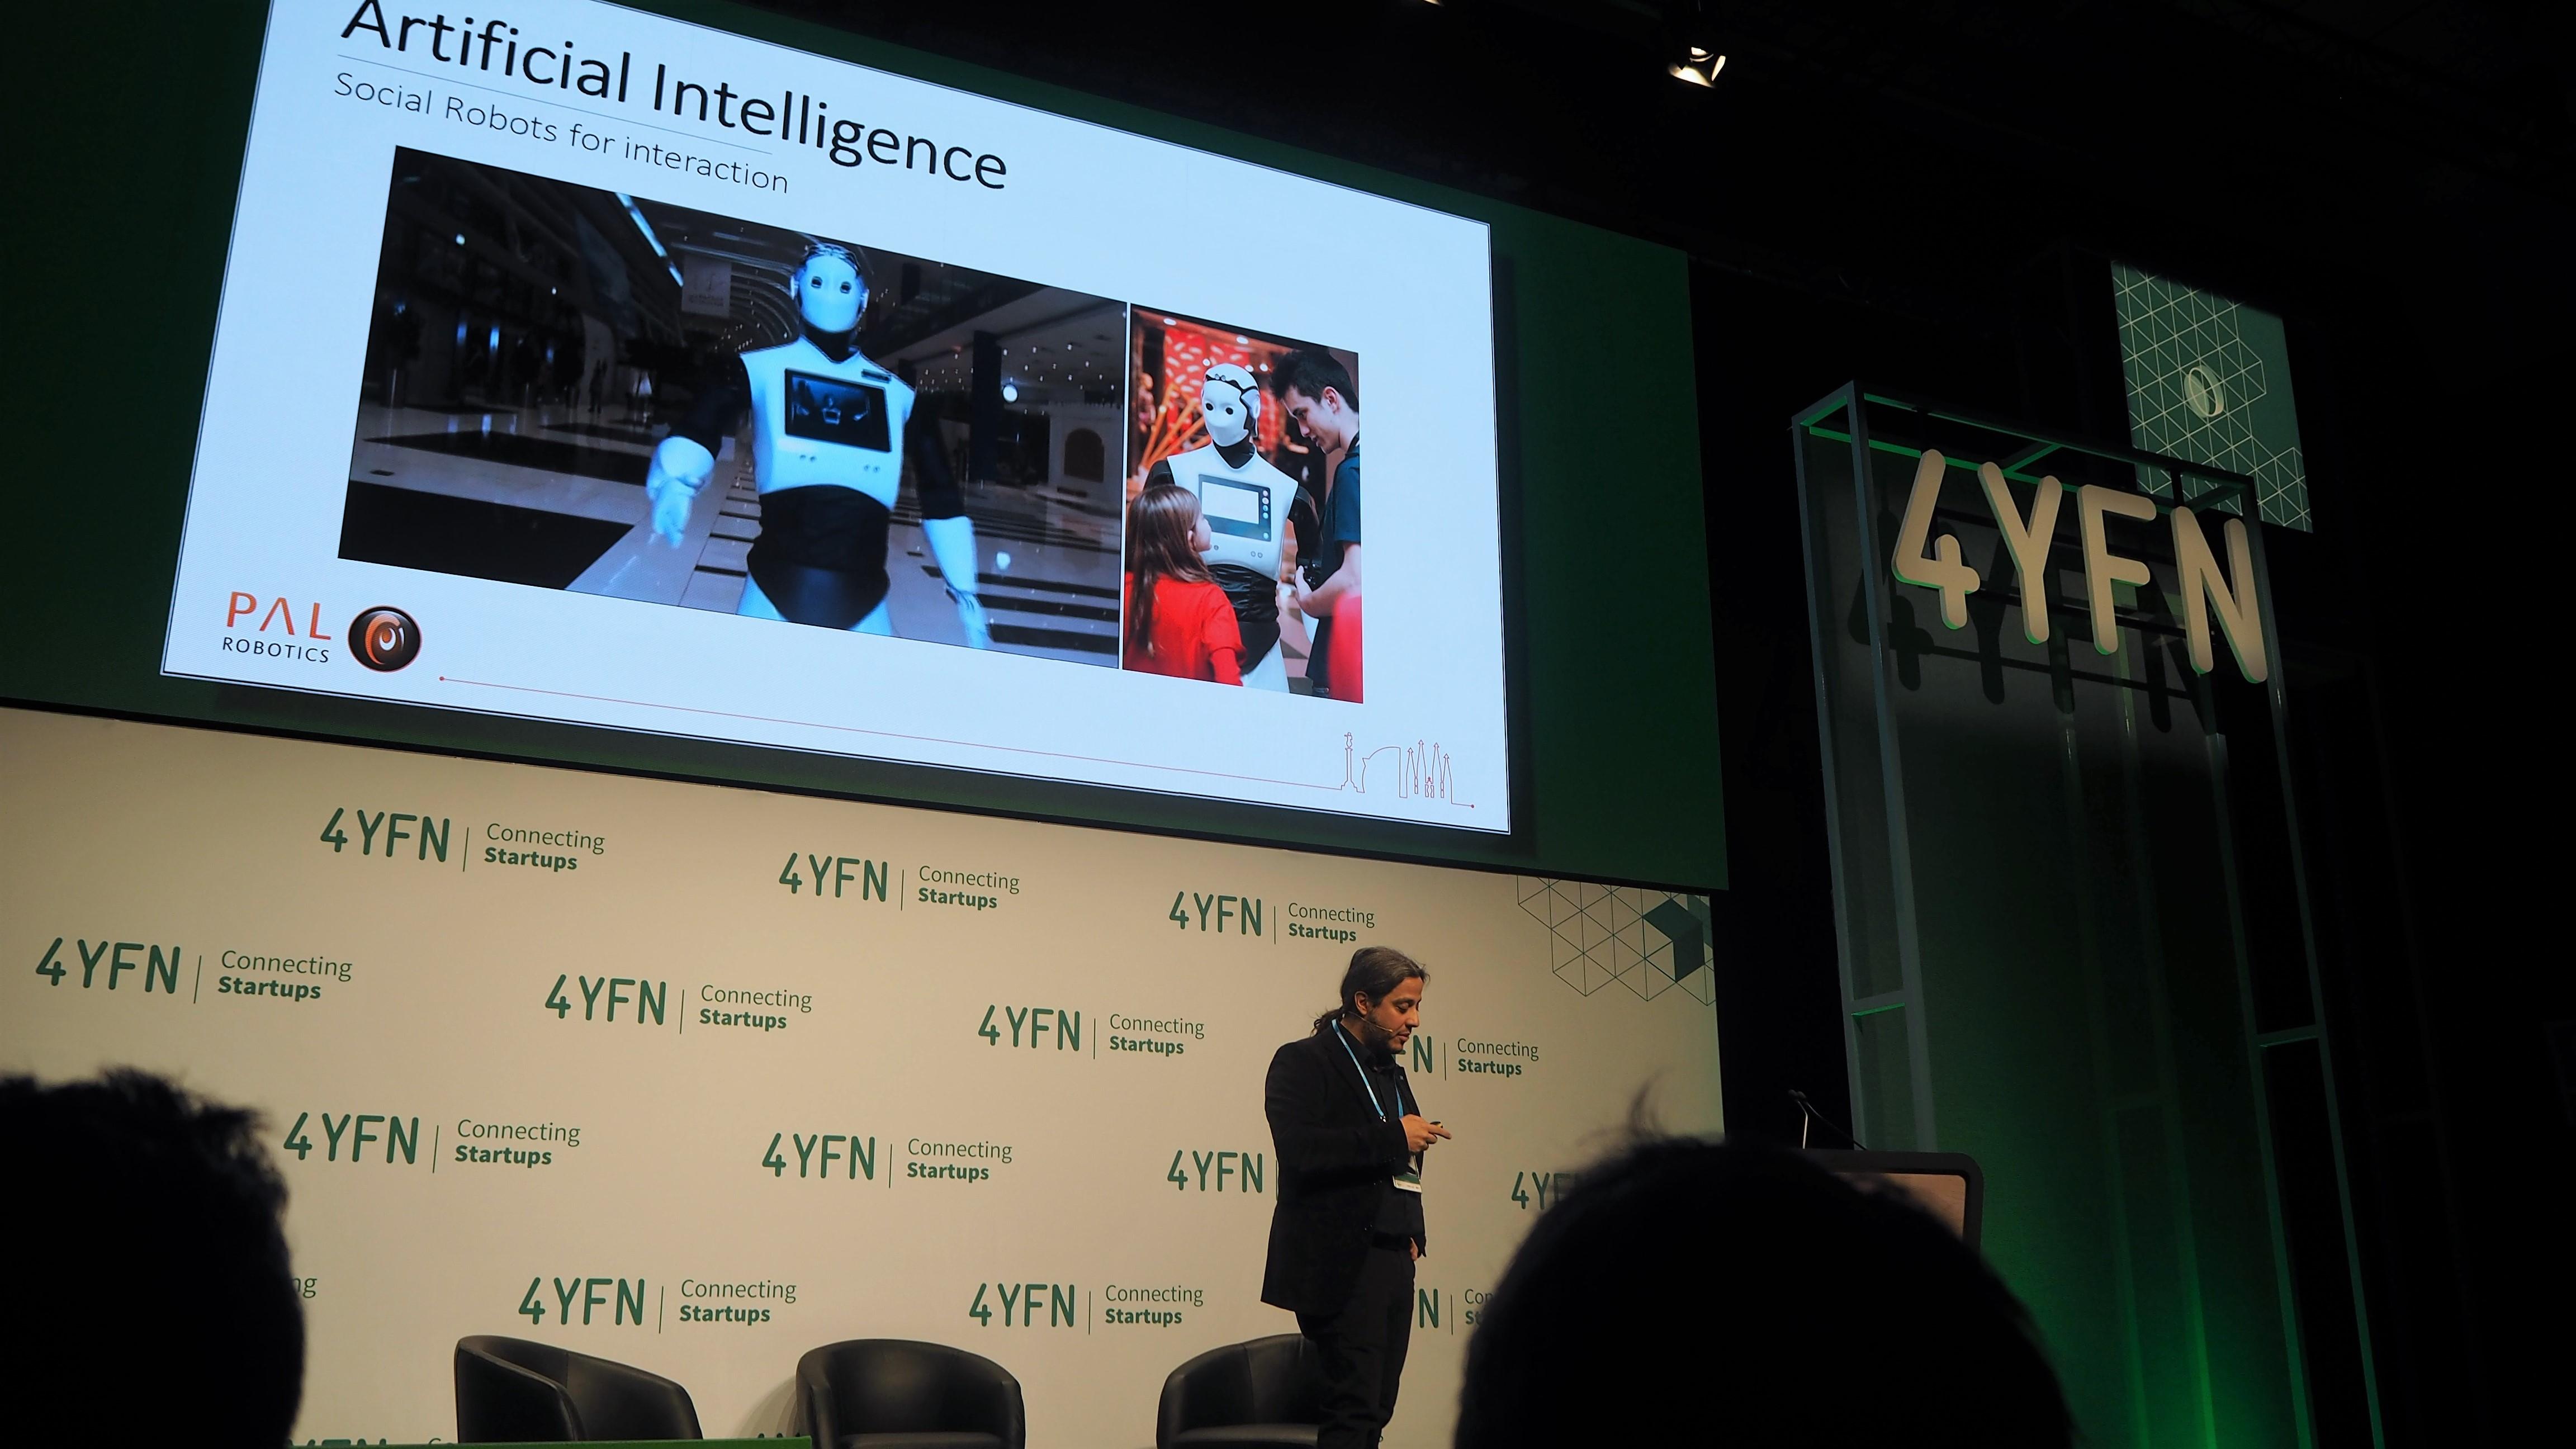 1-AI-Robot-pal-robotics-ari